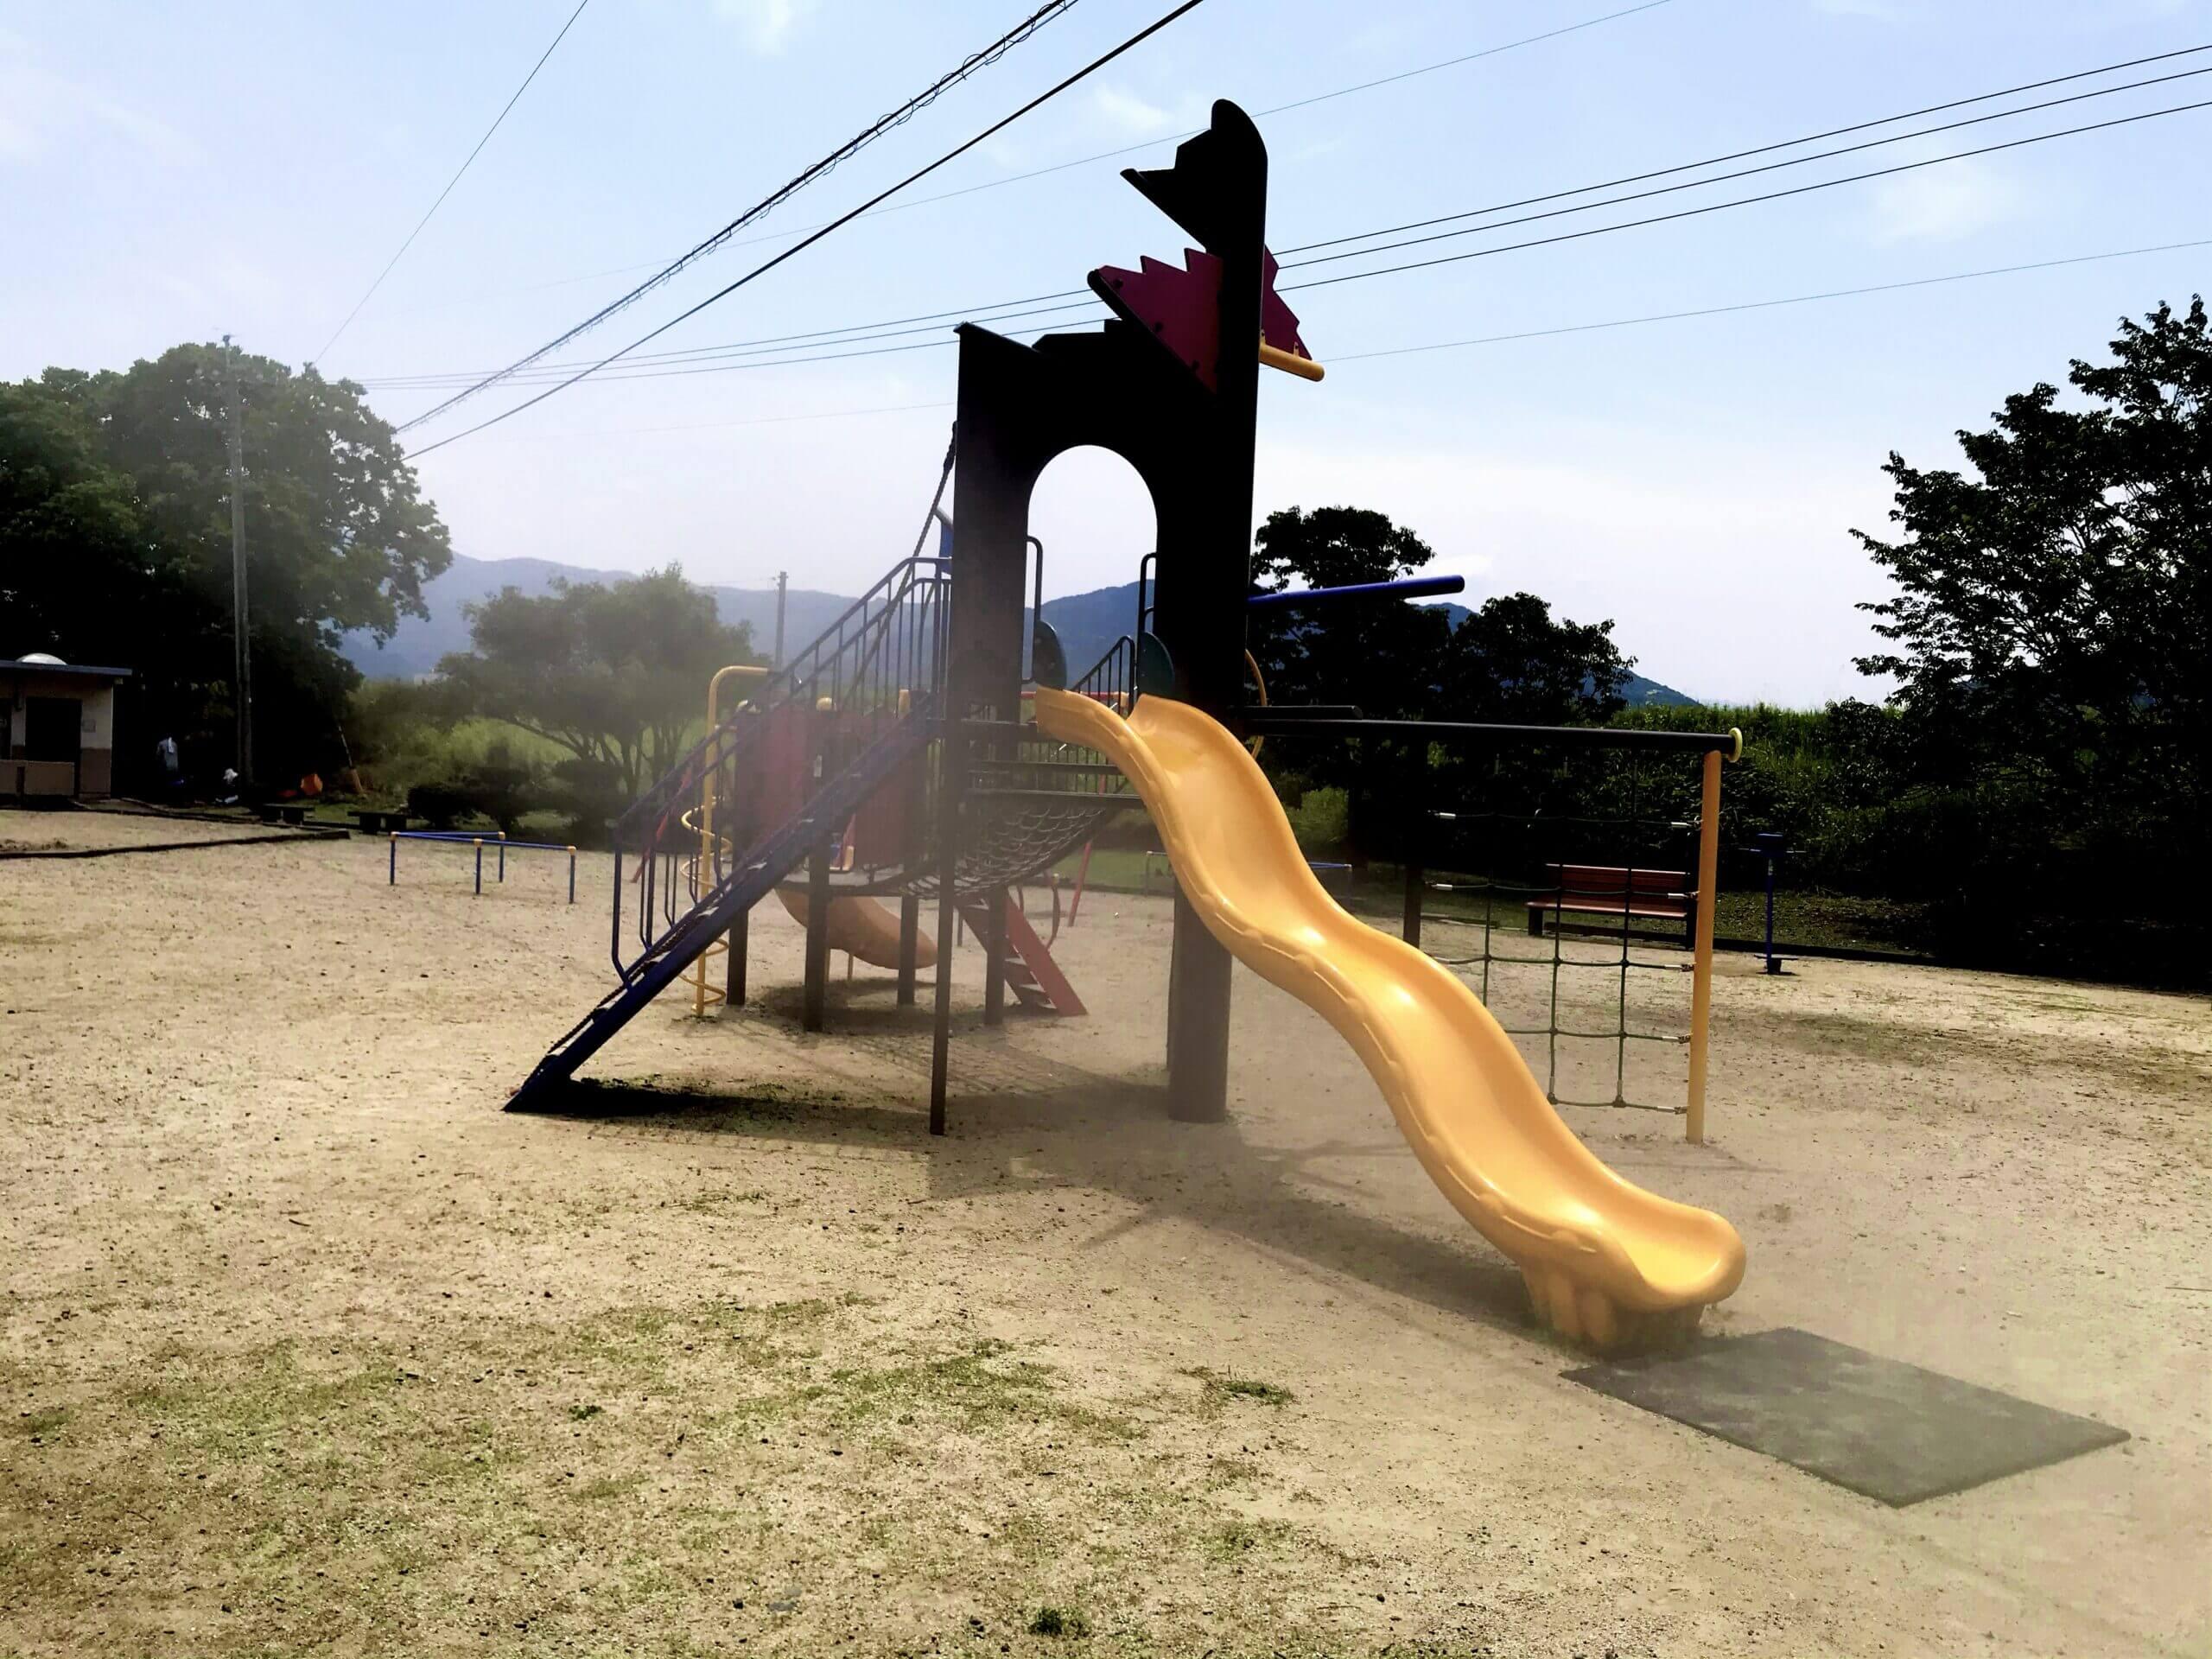 【麦島東公園 – 熊本県八代市麦島東町 – 】遊ぶだけではもったいない!緑豊かな中を歩いて親子で癒しの時間も